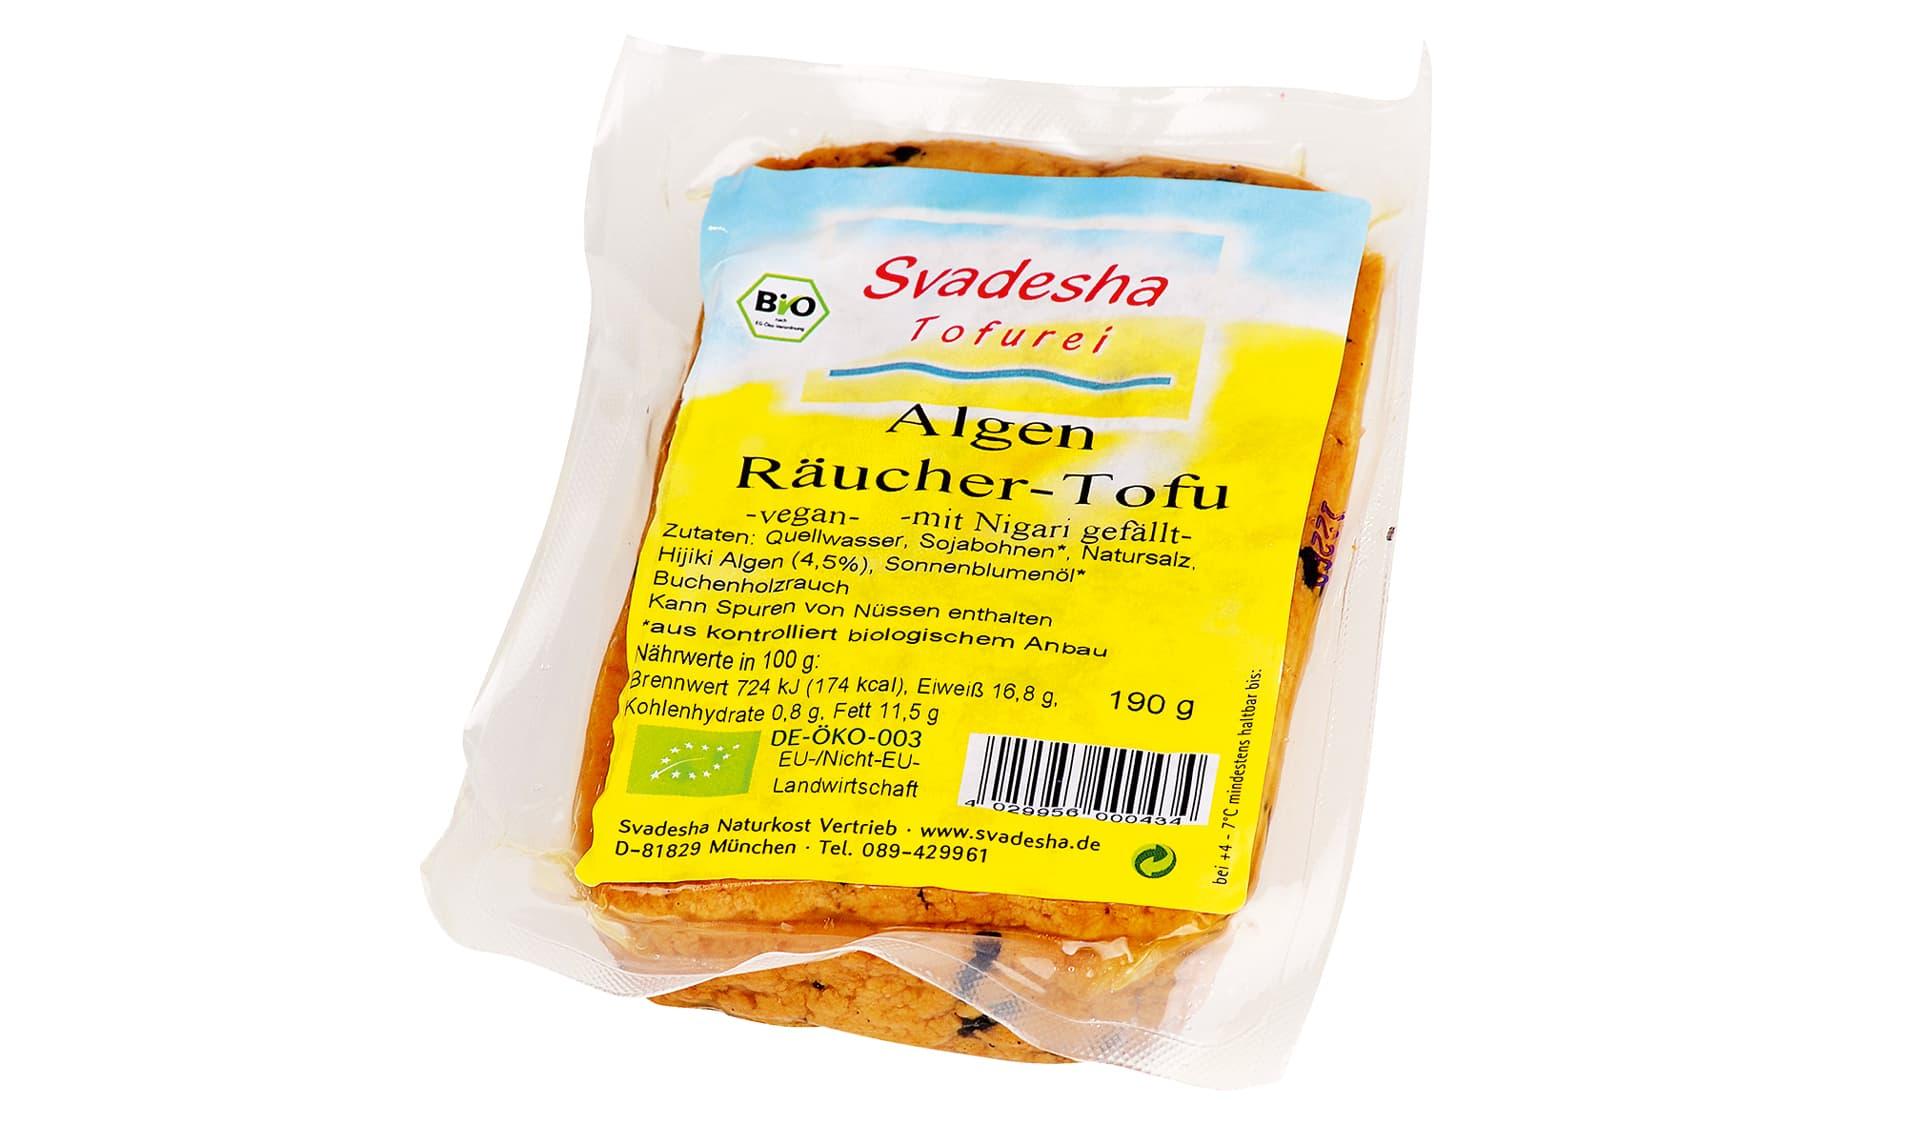 Svadesha Algen Räucher-Tofu (www.svadesha.de)